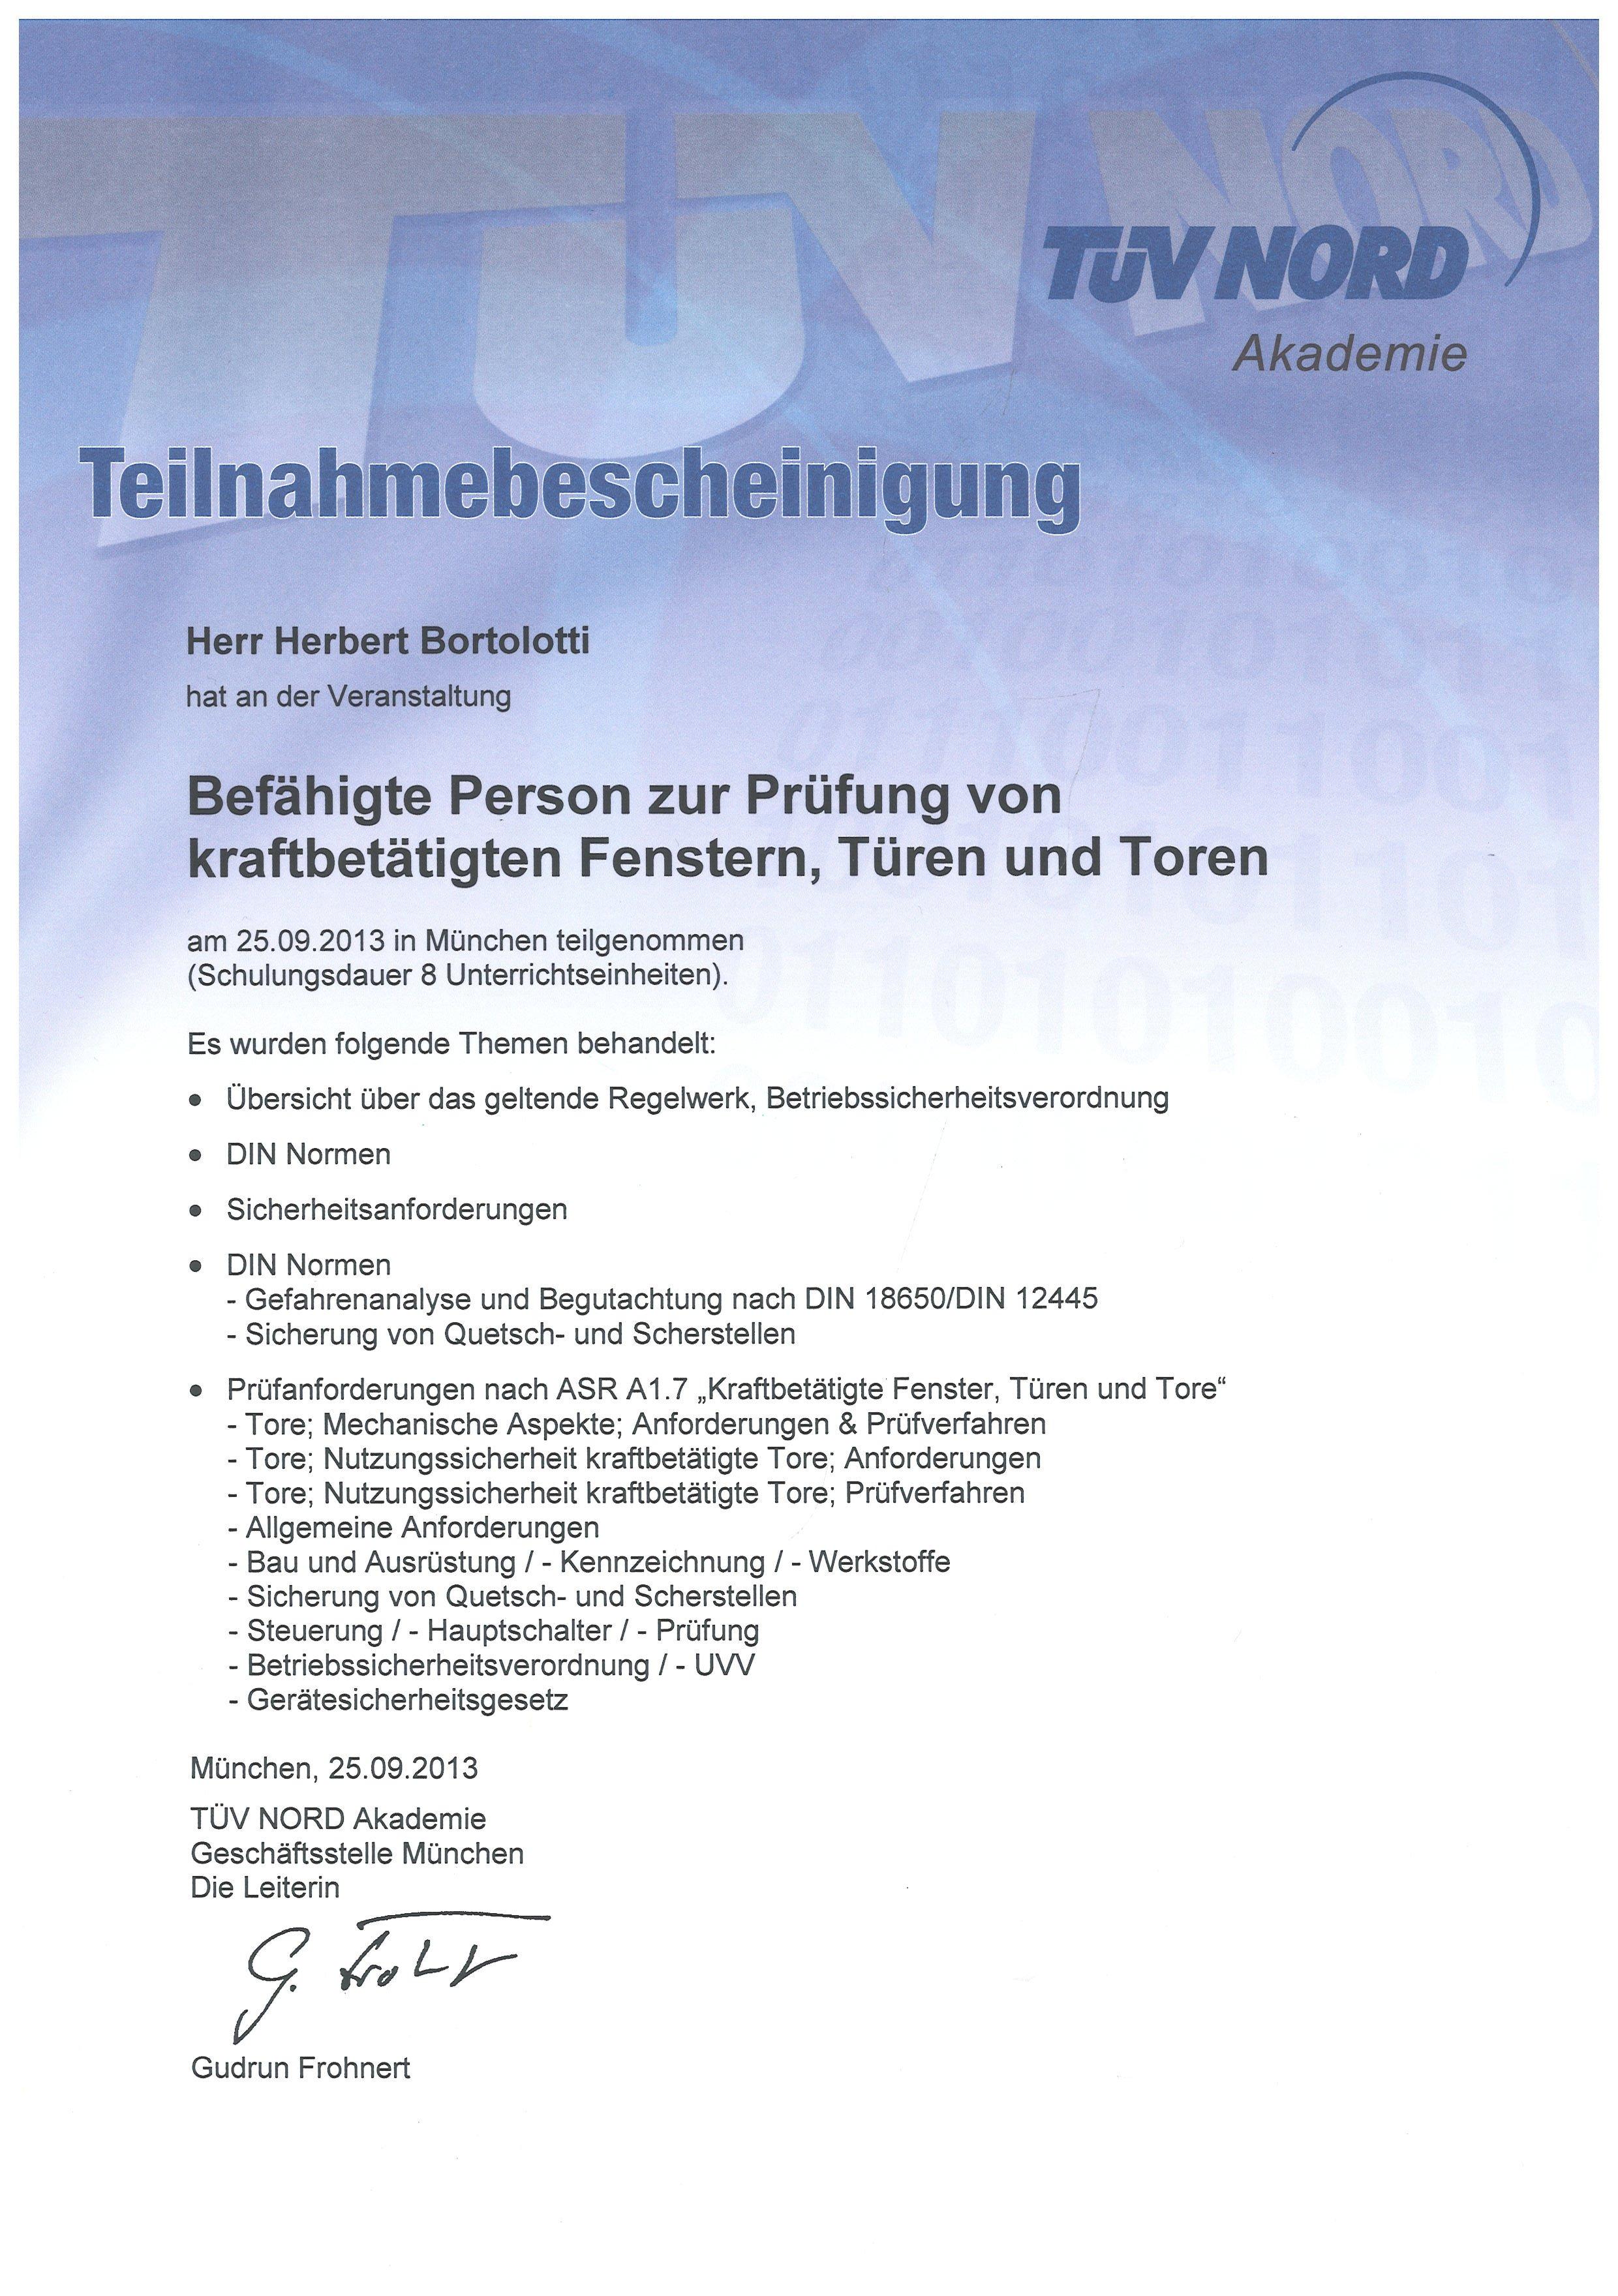 Teilnahmebescheinigung TÜV Nord